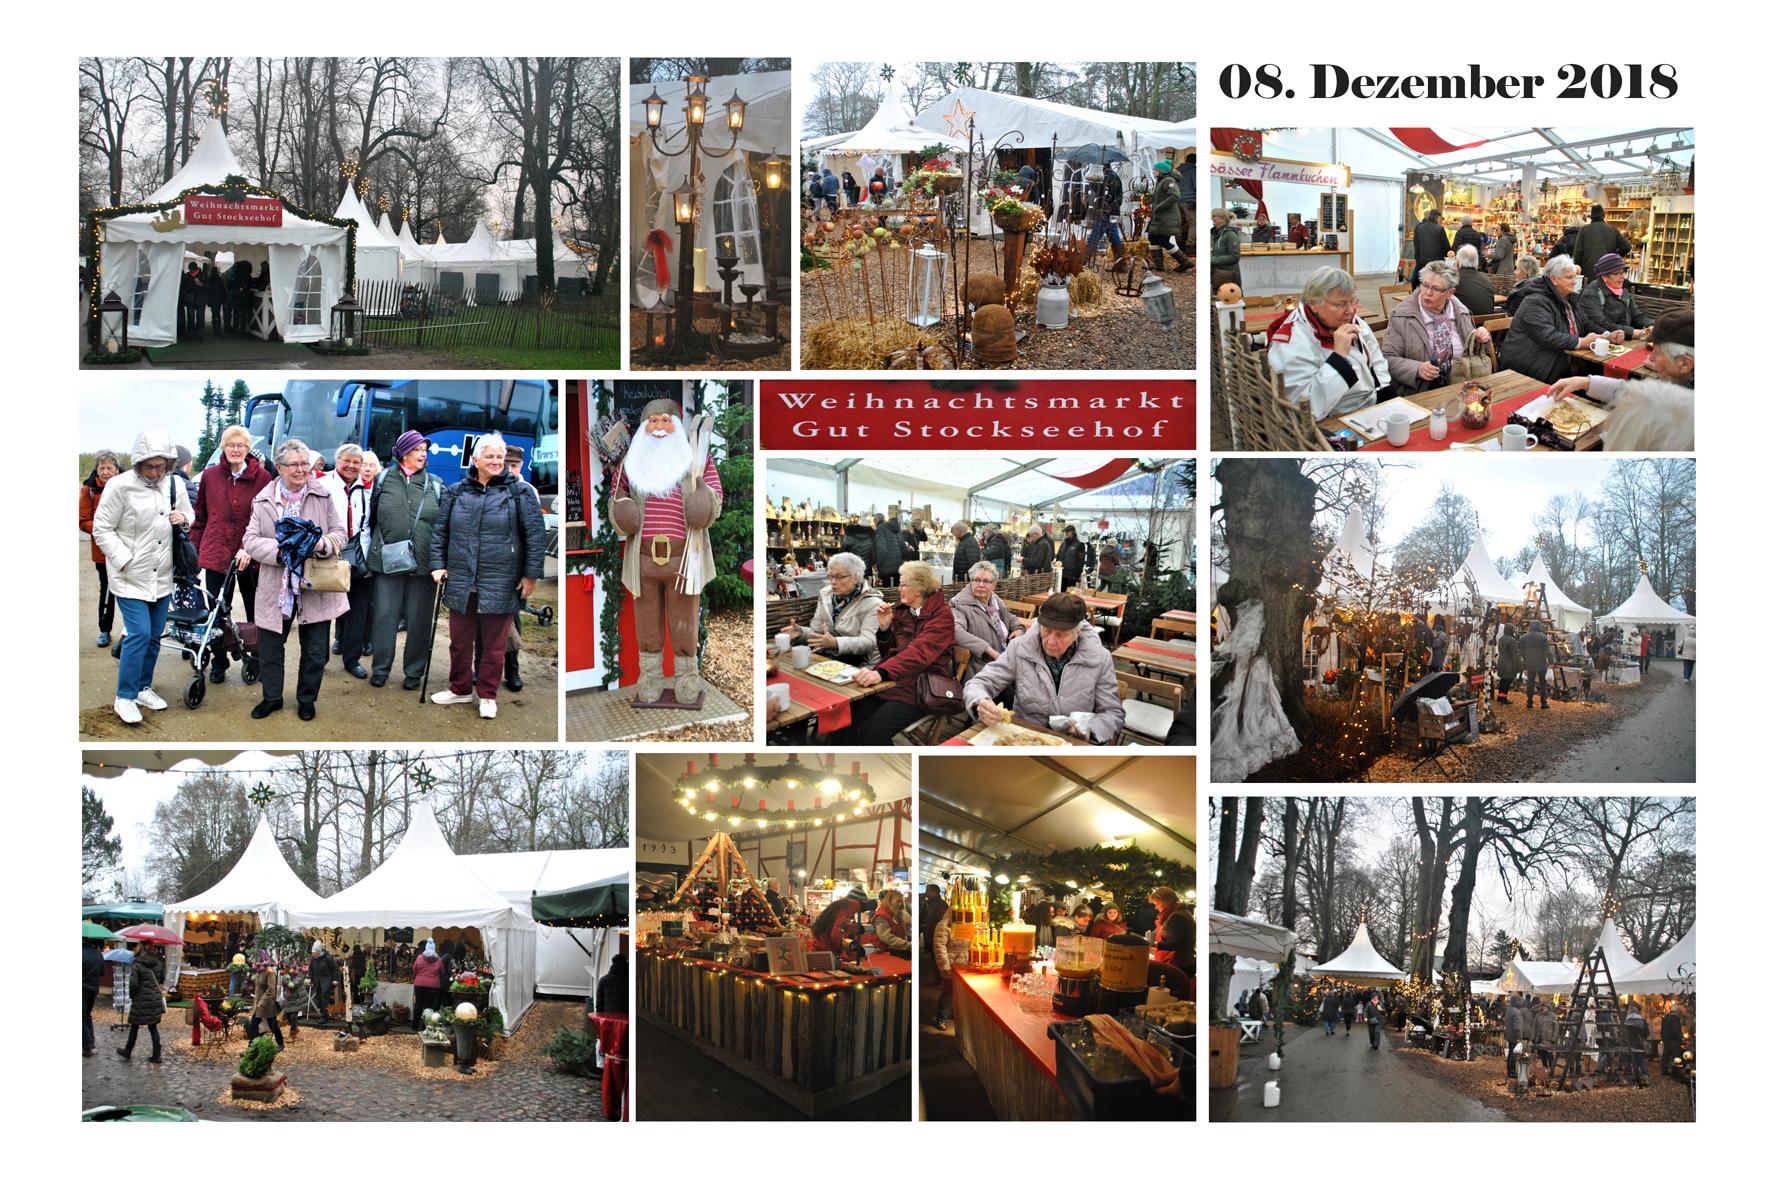 NeNo/Glashütte 2: Weihnachtsmarkt auf Gut Stockseehof, Stocksee Krs. Plön, 08.12.2018 (Fotos: Tom)